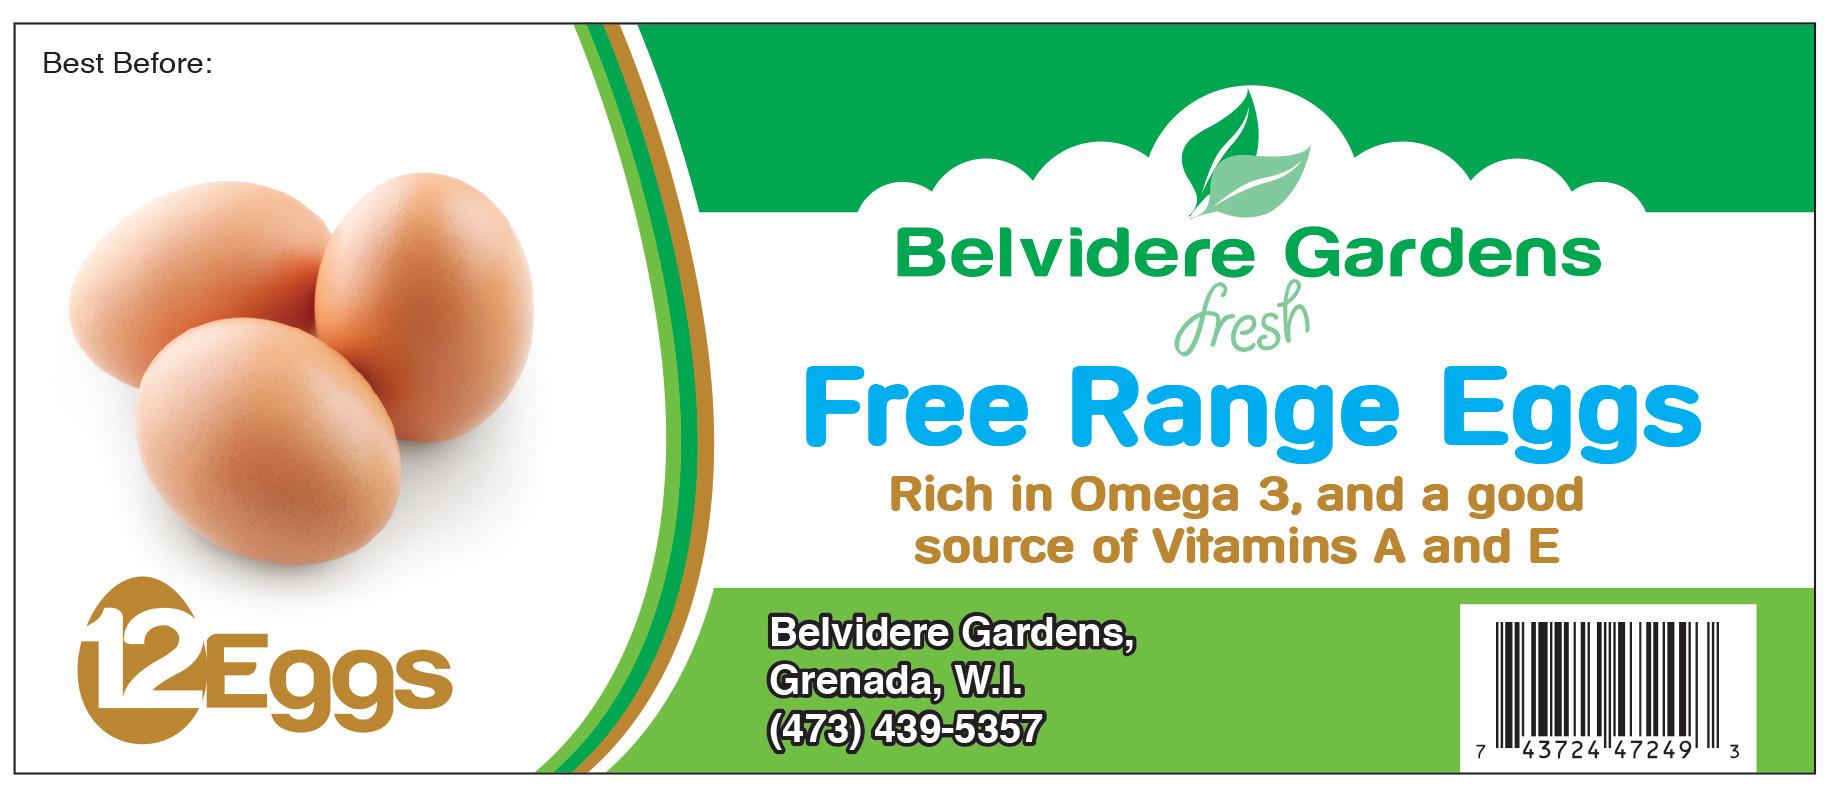 Belvidere Gardens Free Range Eggs - Flexo Label